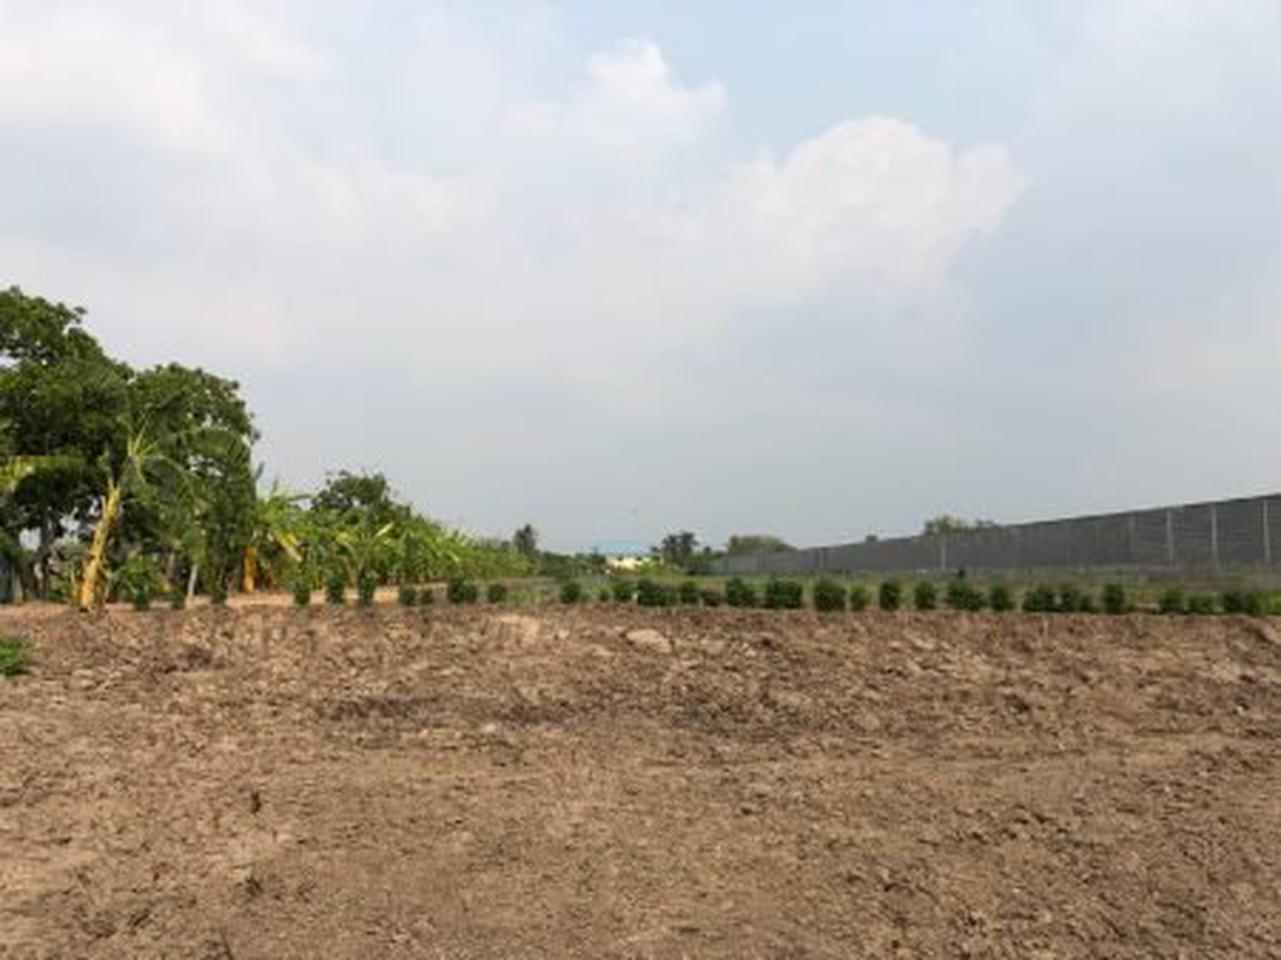 ขาย  ที่ดิน ที่สวยทำเลดี ที่ดินแบ่งขาย 100ตรว  ที่ดินสวยที่คุณสามารถเป็นเจ้าของได้ รูปที่ 5